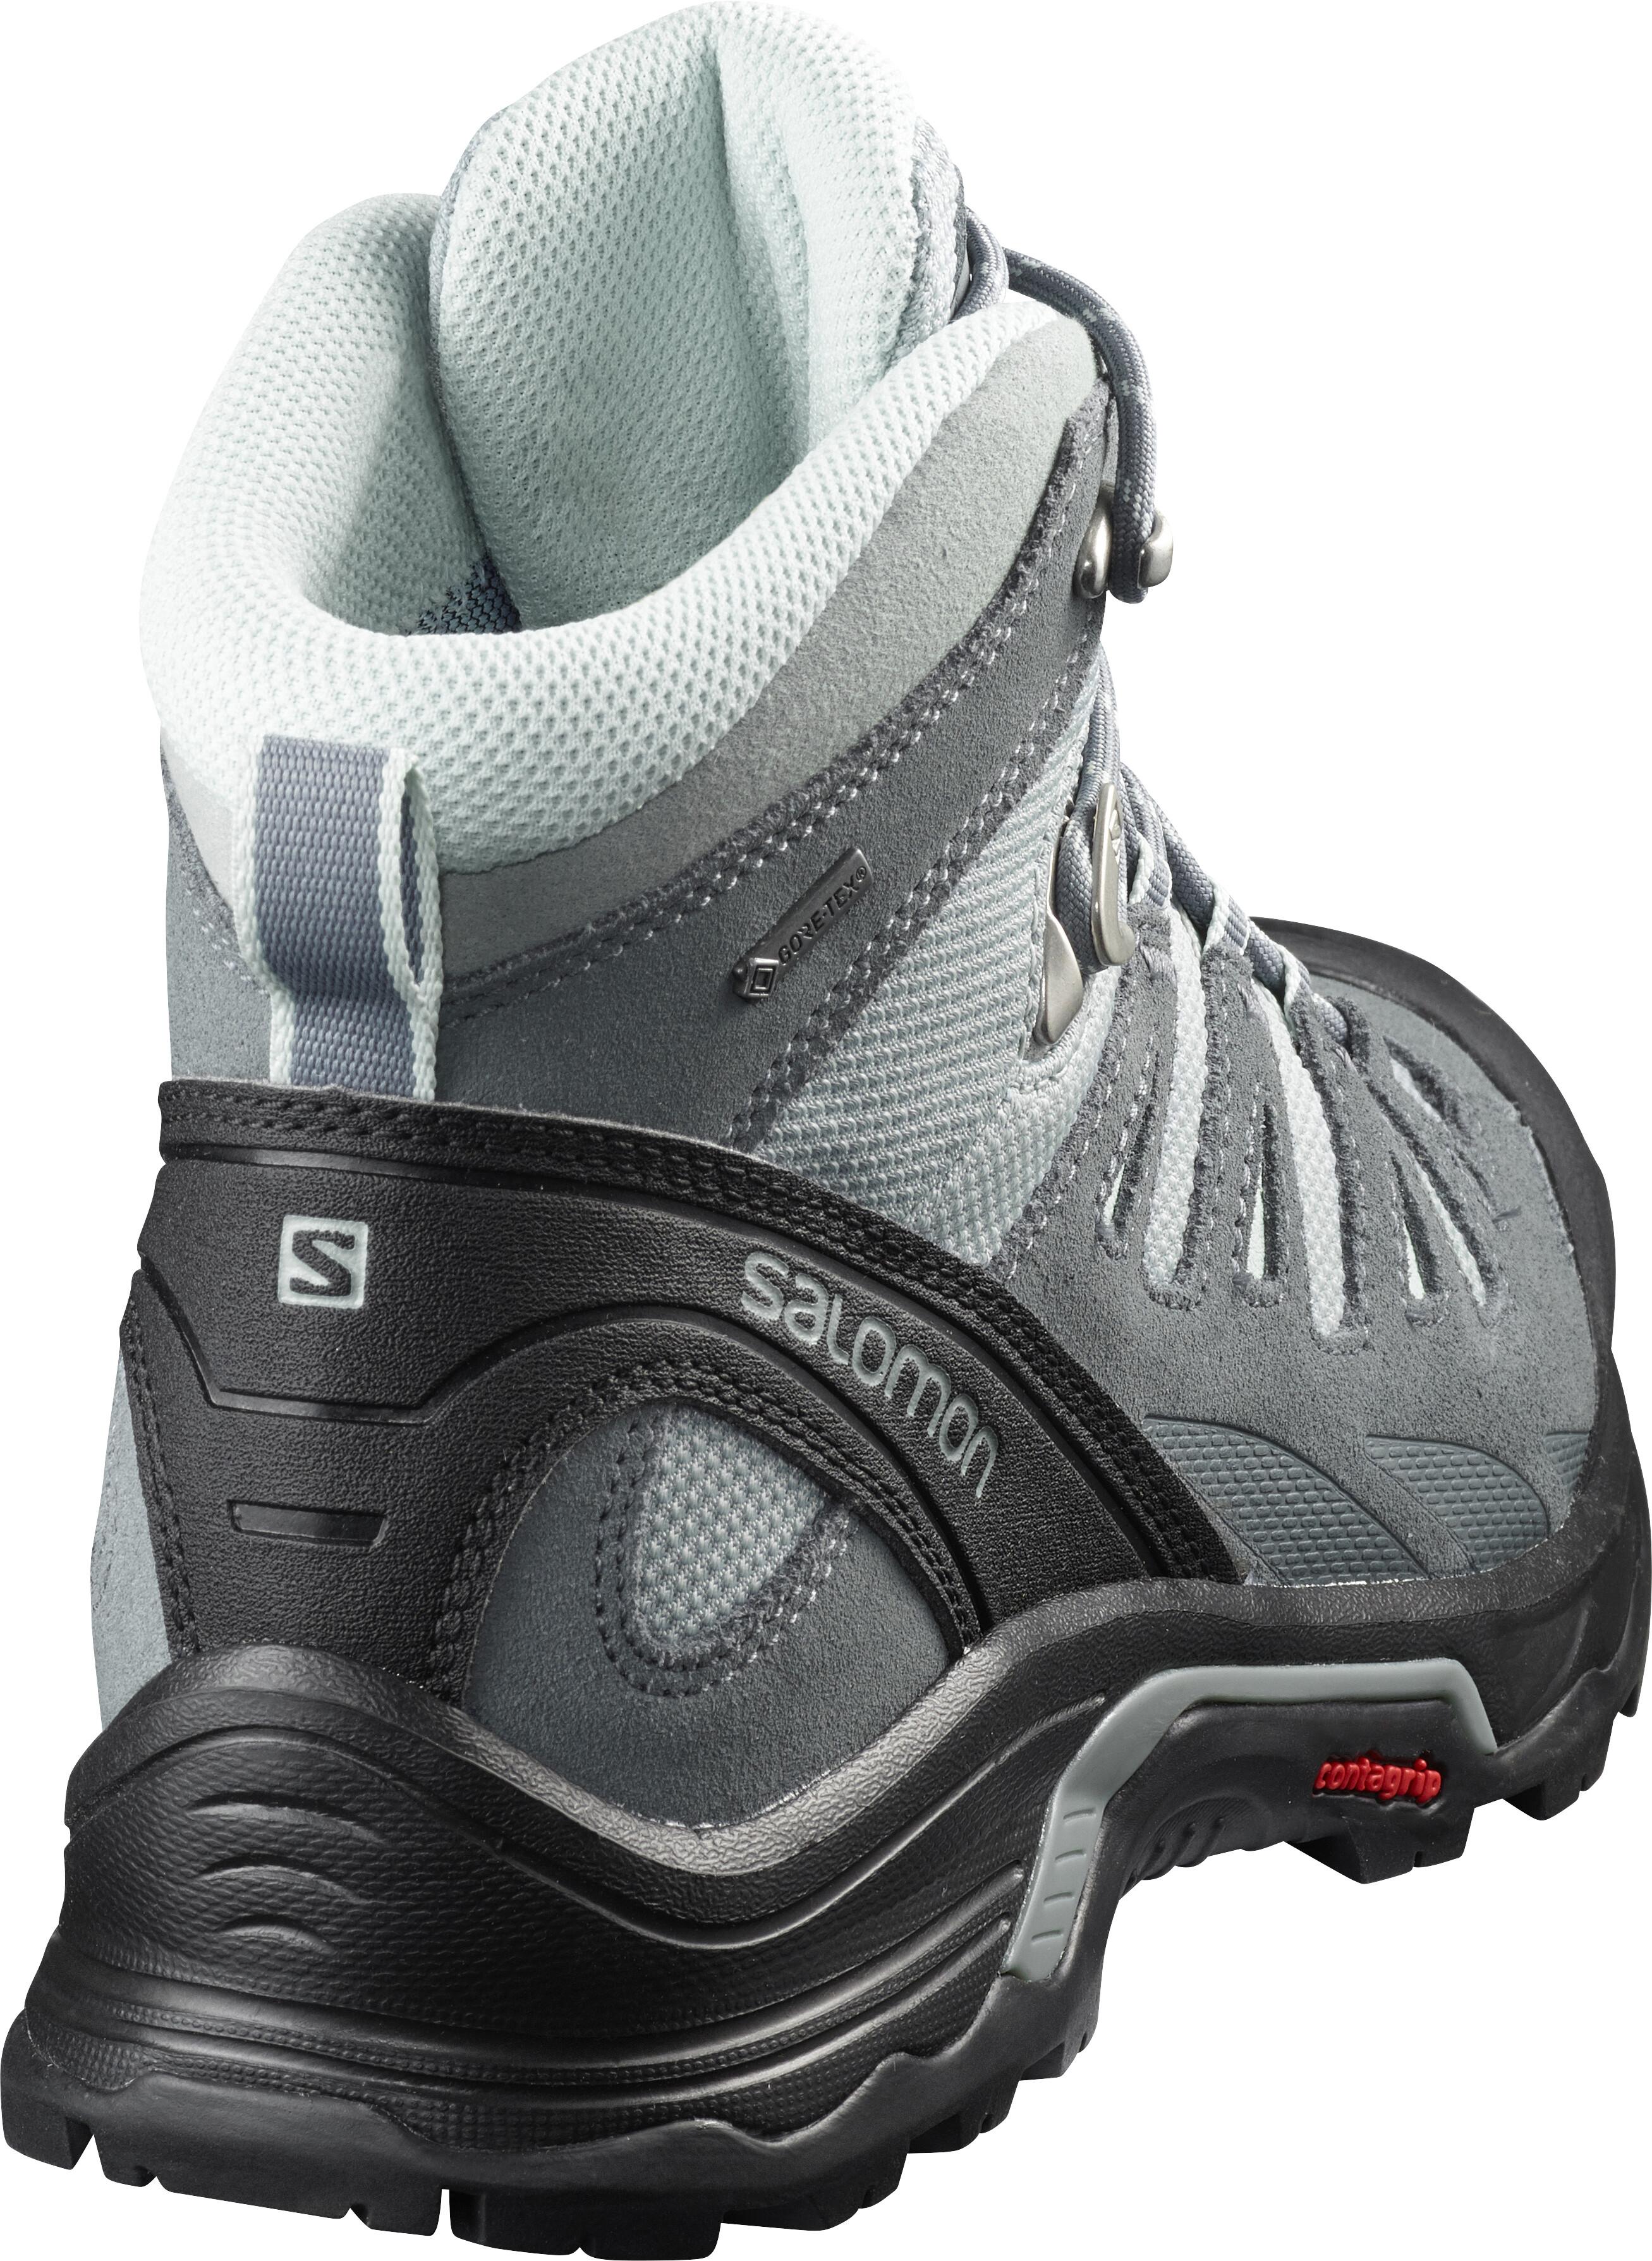 b8180718e611 Salomon Quest Prime GTX Shoes Women blue at Addnature.co.uk